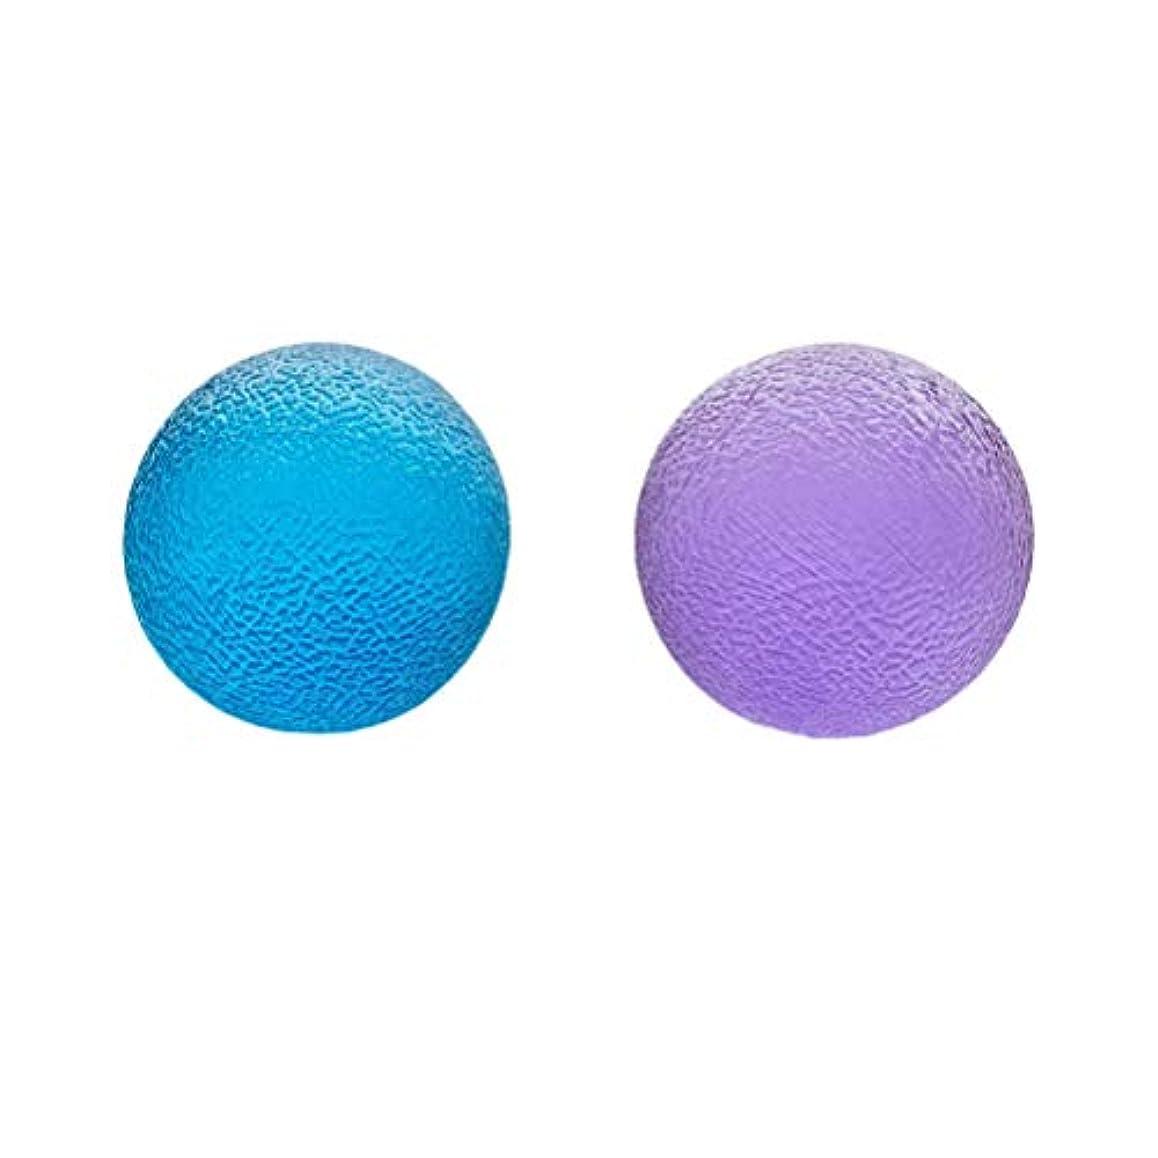 クリスチャンペンエッセイSUPVOX 2本ハンドグリップ強化ツールワークアウトグリップ強度トレーナーボール強化ツール関節炎指ハンド(ブルーパープル)